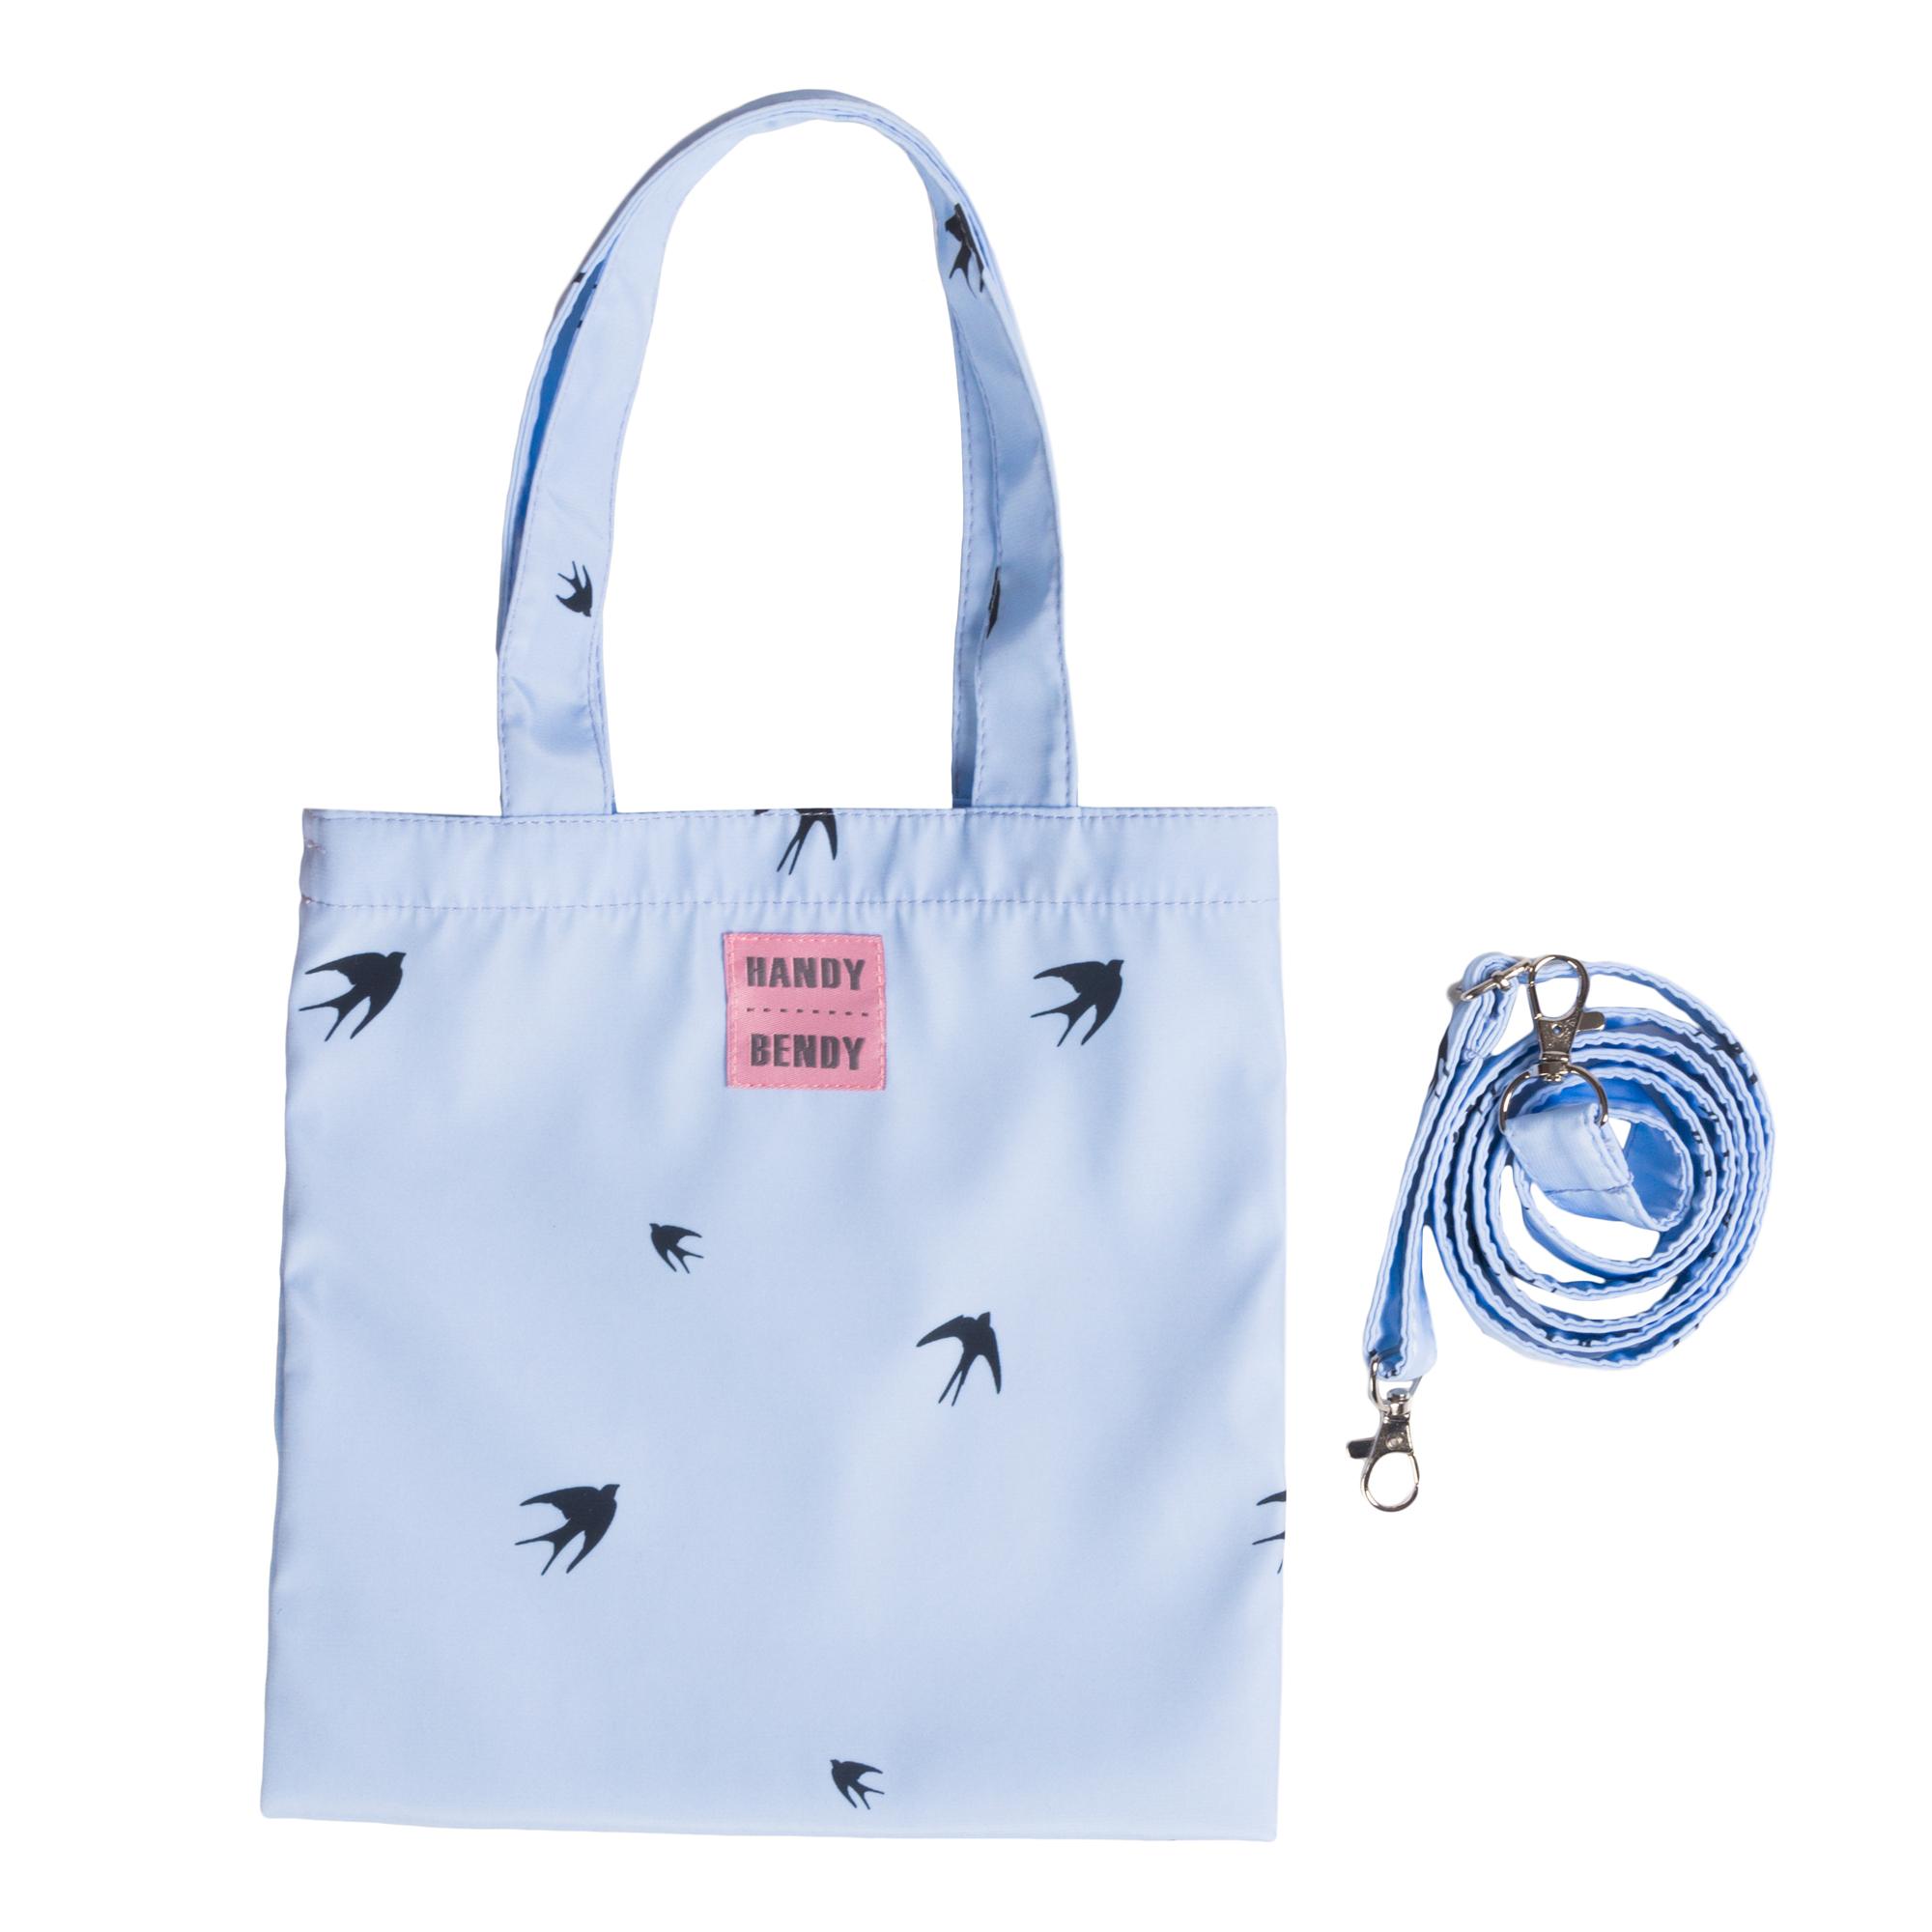 Маленькая сумка Handy Bendy со съемной ручкой и медальоном, ласточки на голубом